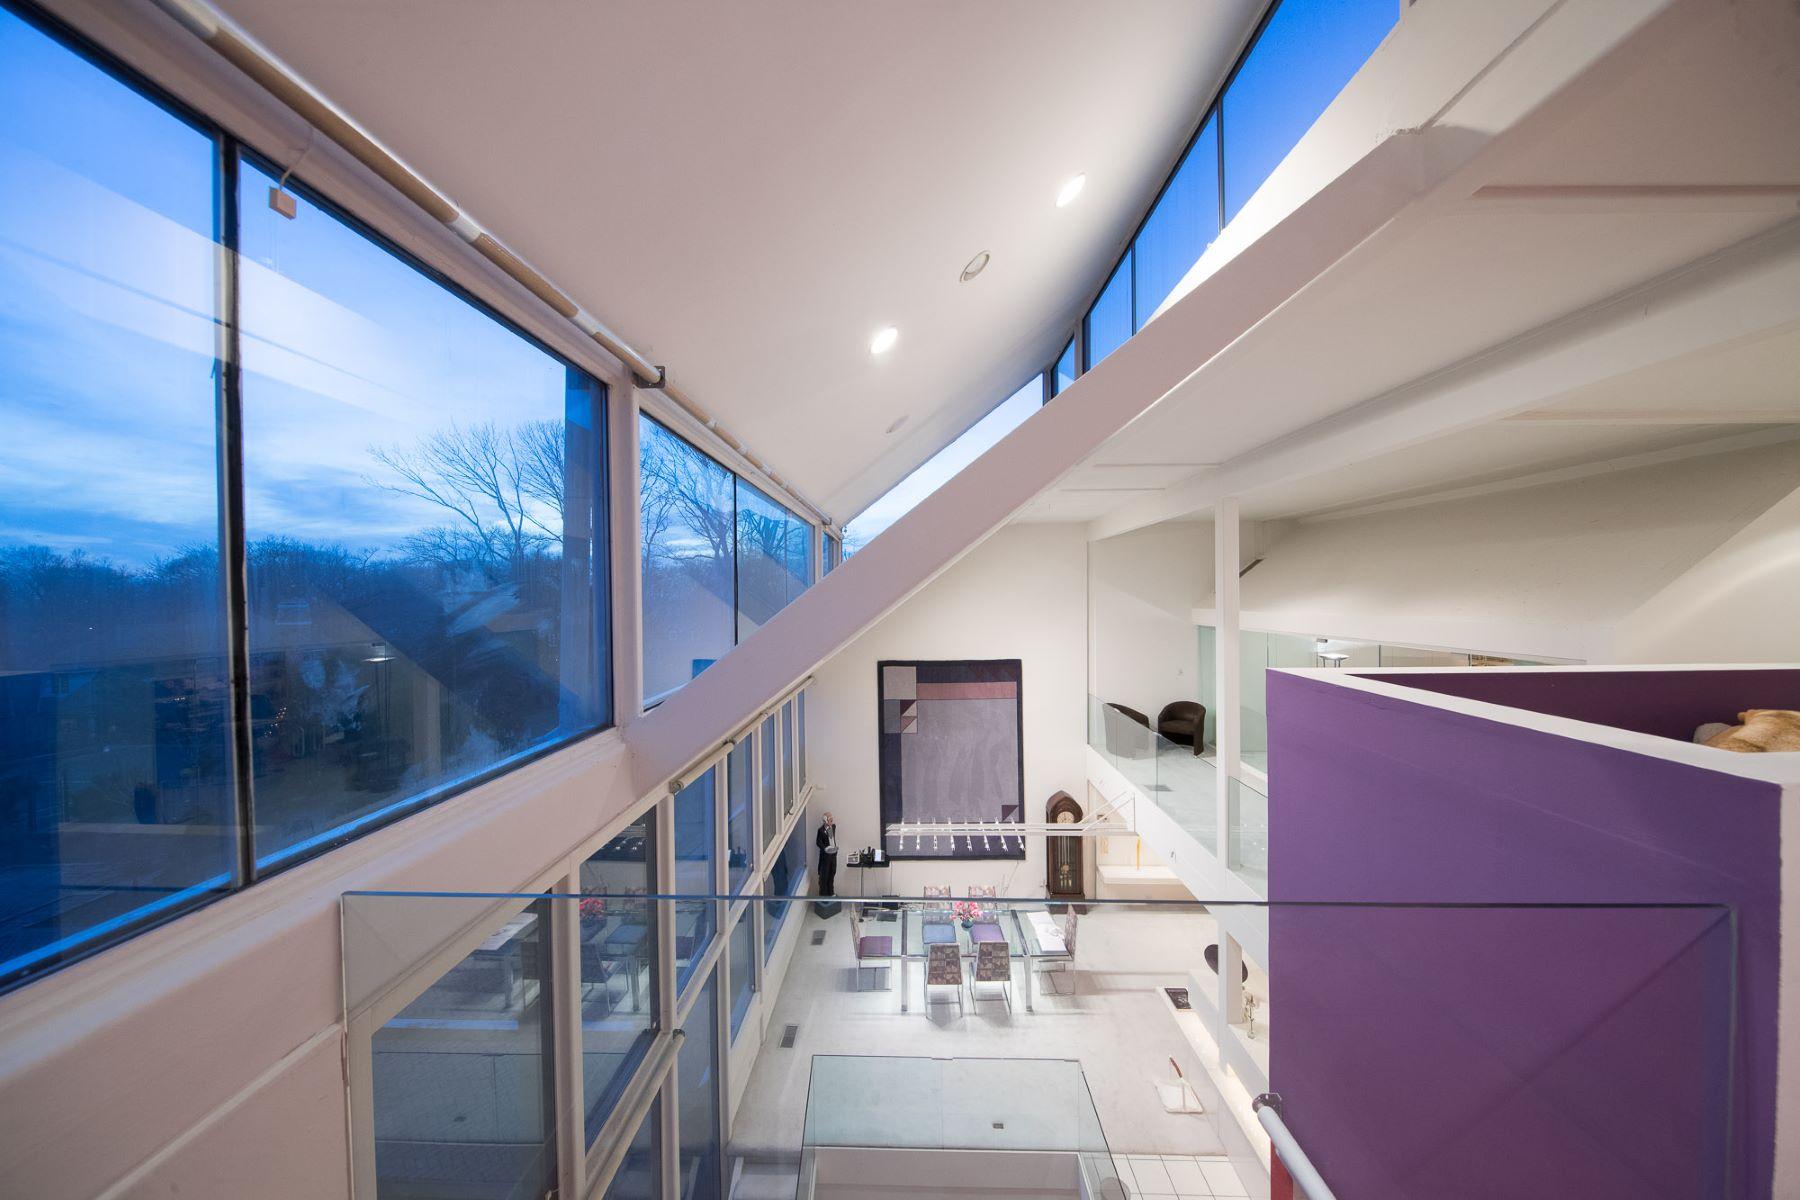 Maison unifamiliale pour l Vente à Architectural Masterpiece 550 Illingworth Ave, Englewood, New Jersey 07631 États-Unis